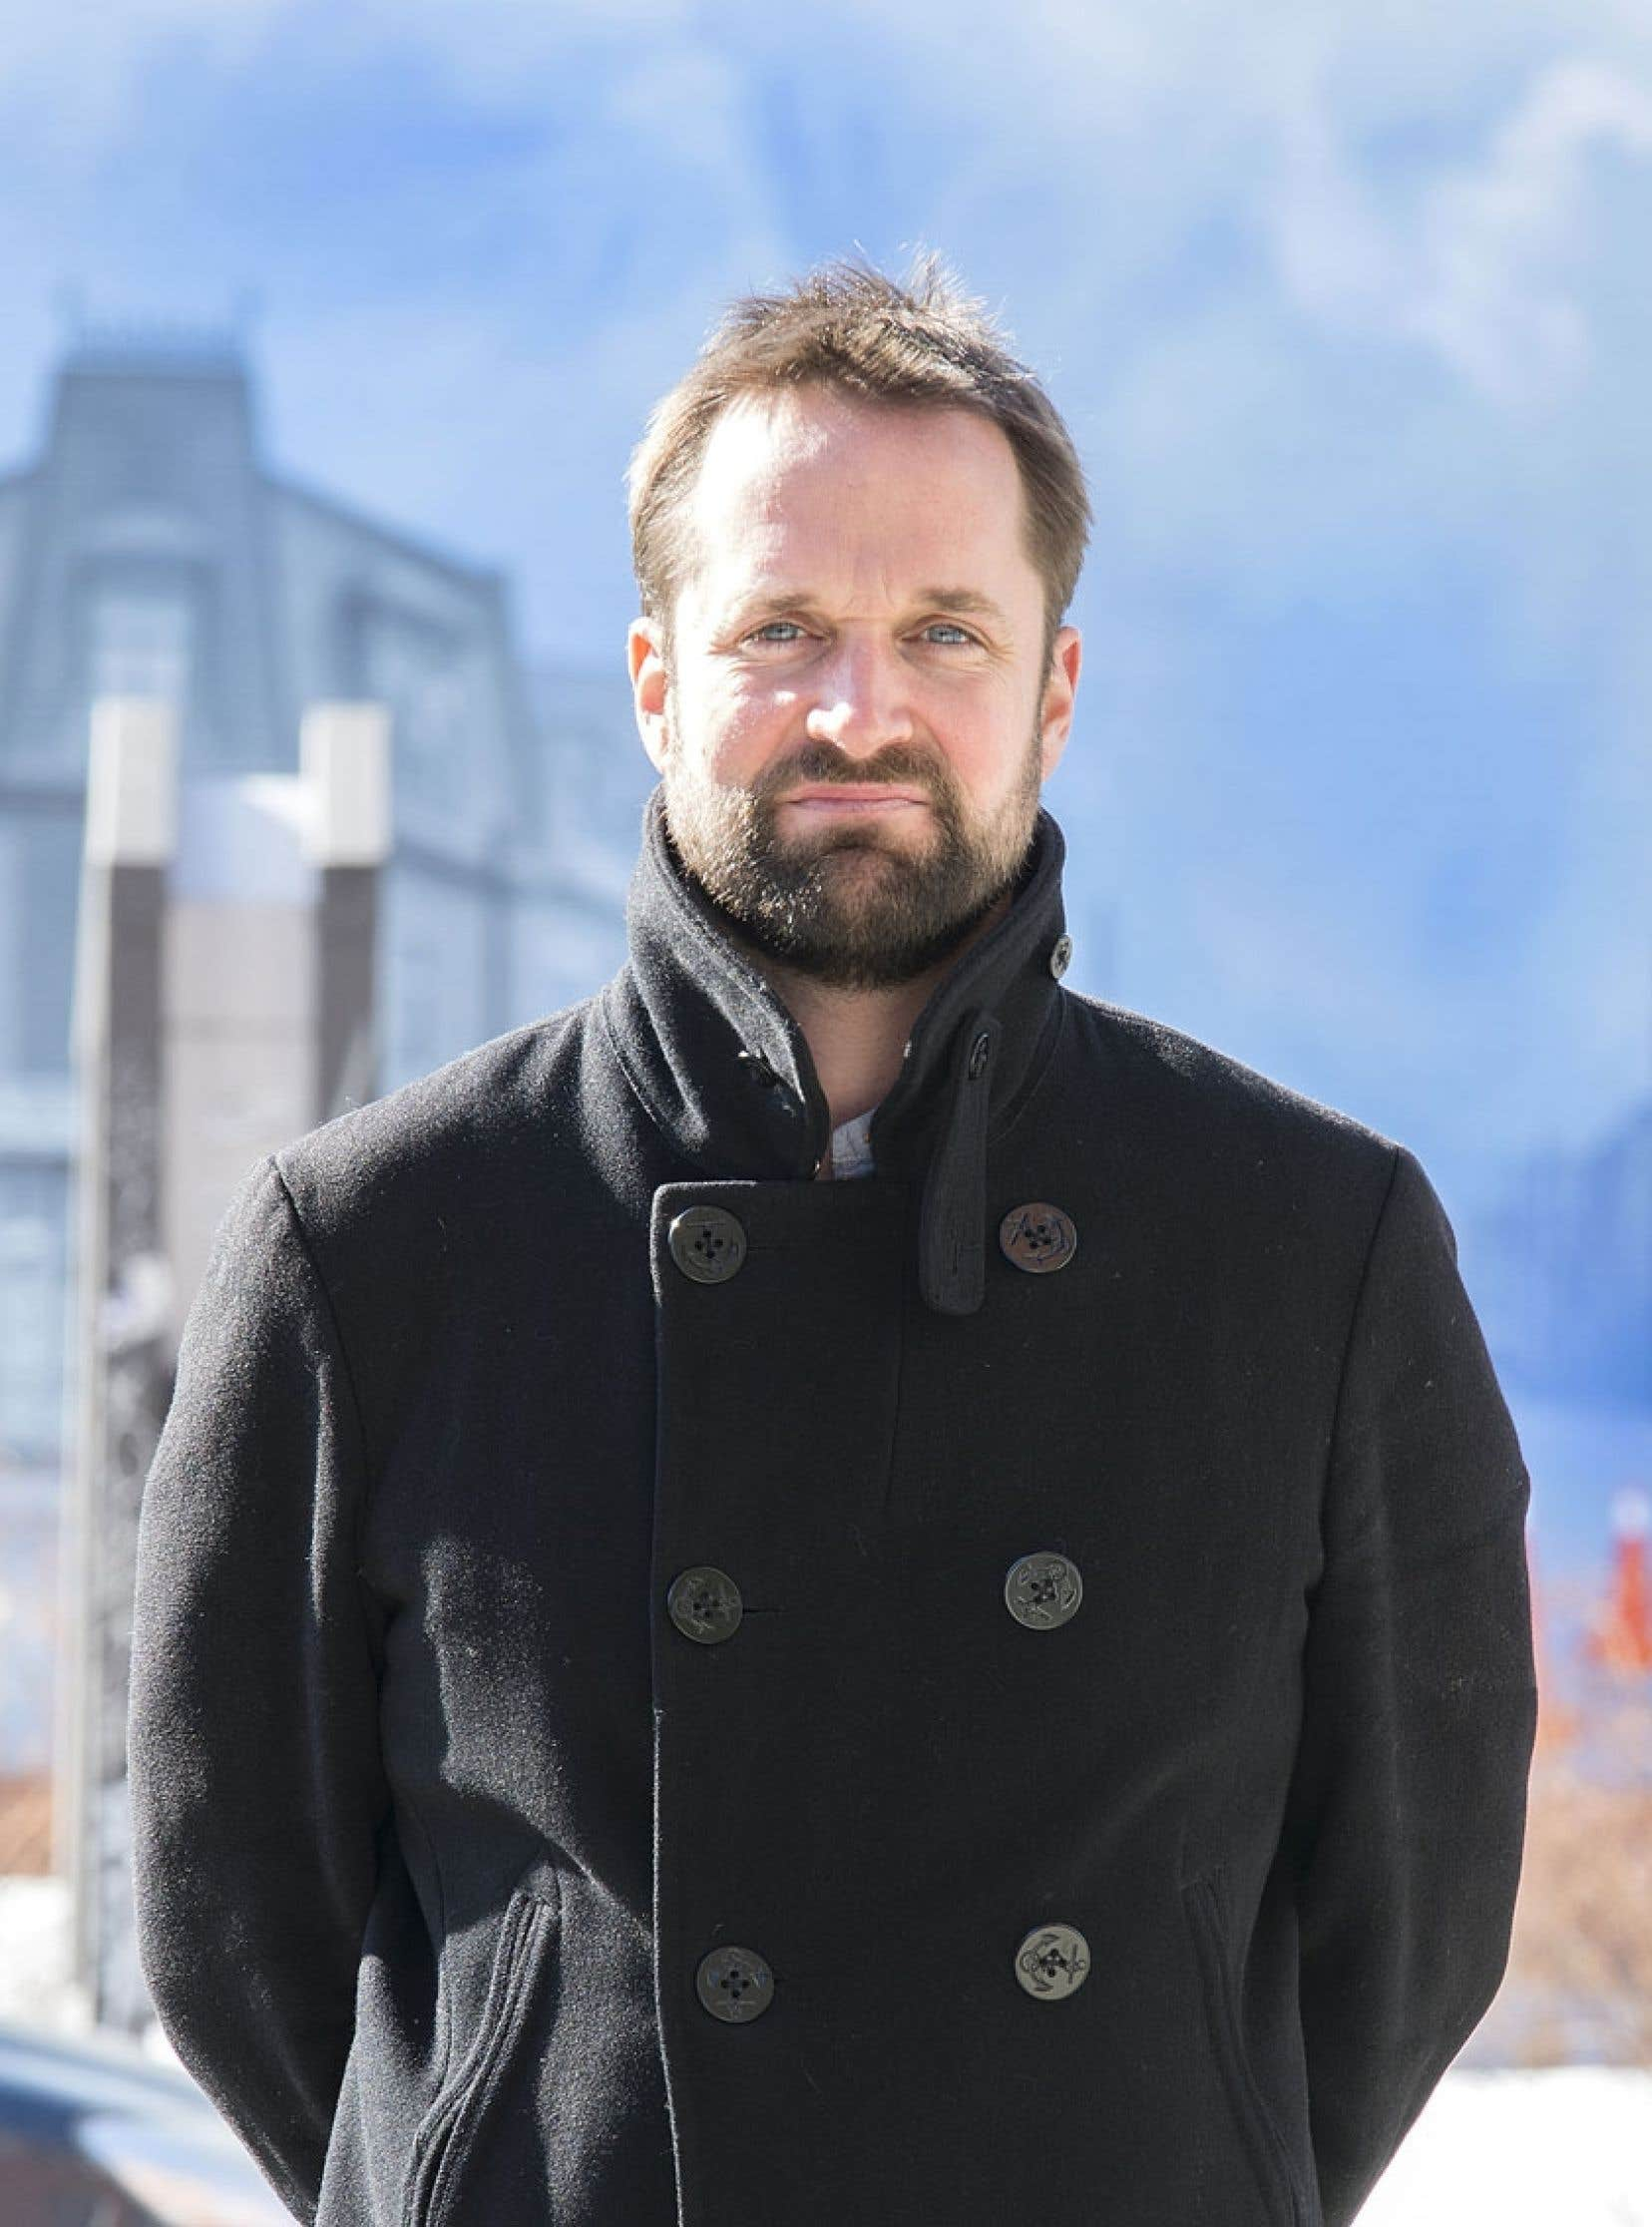 François Méthé, publiciste, directeur de vidéoclips, documentariste de courts métrages et de téléséries, réalise à travers Hors combat son premier long métrage, qu'il espère voir ensuite prendre la route des festivals.